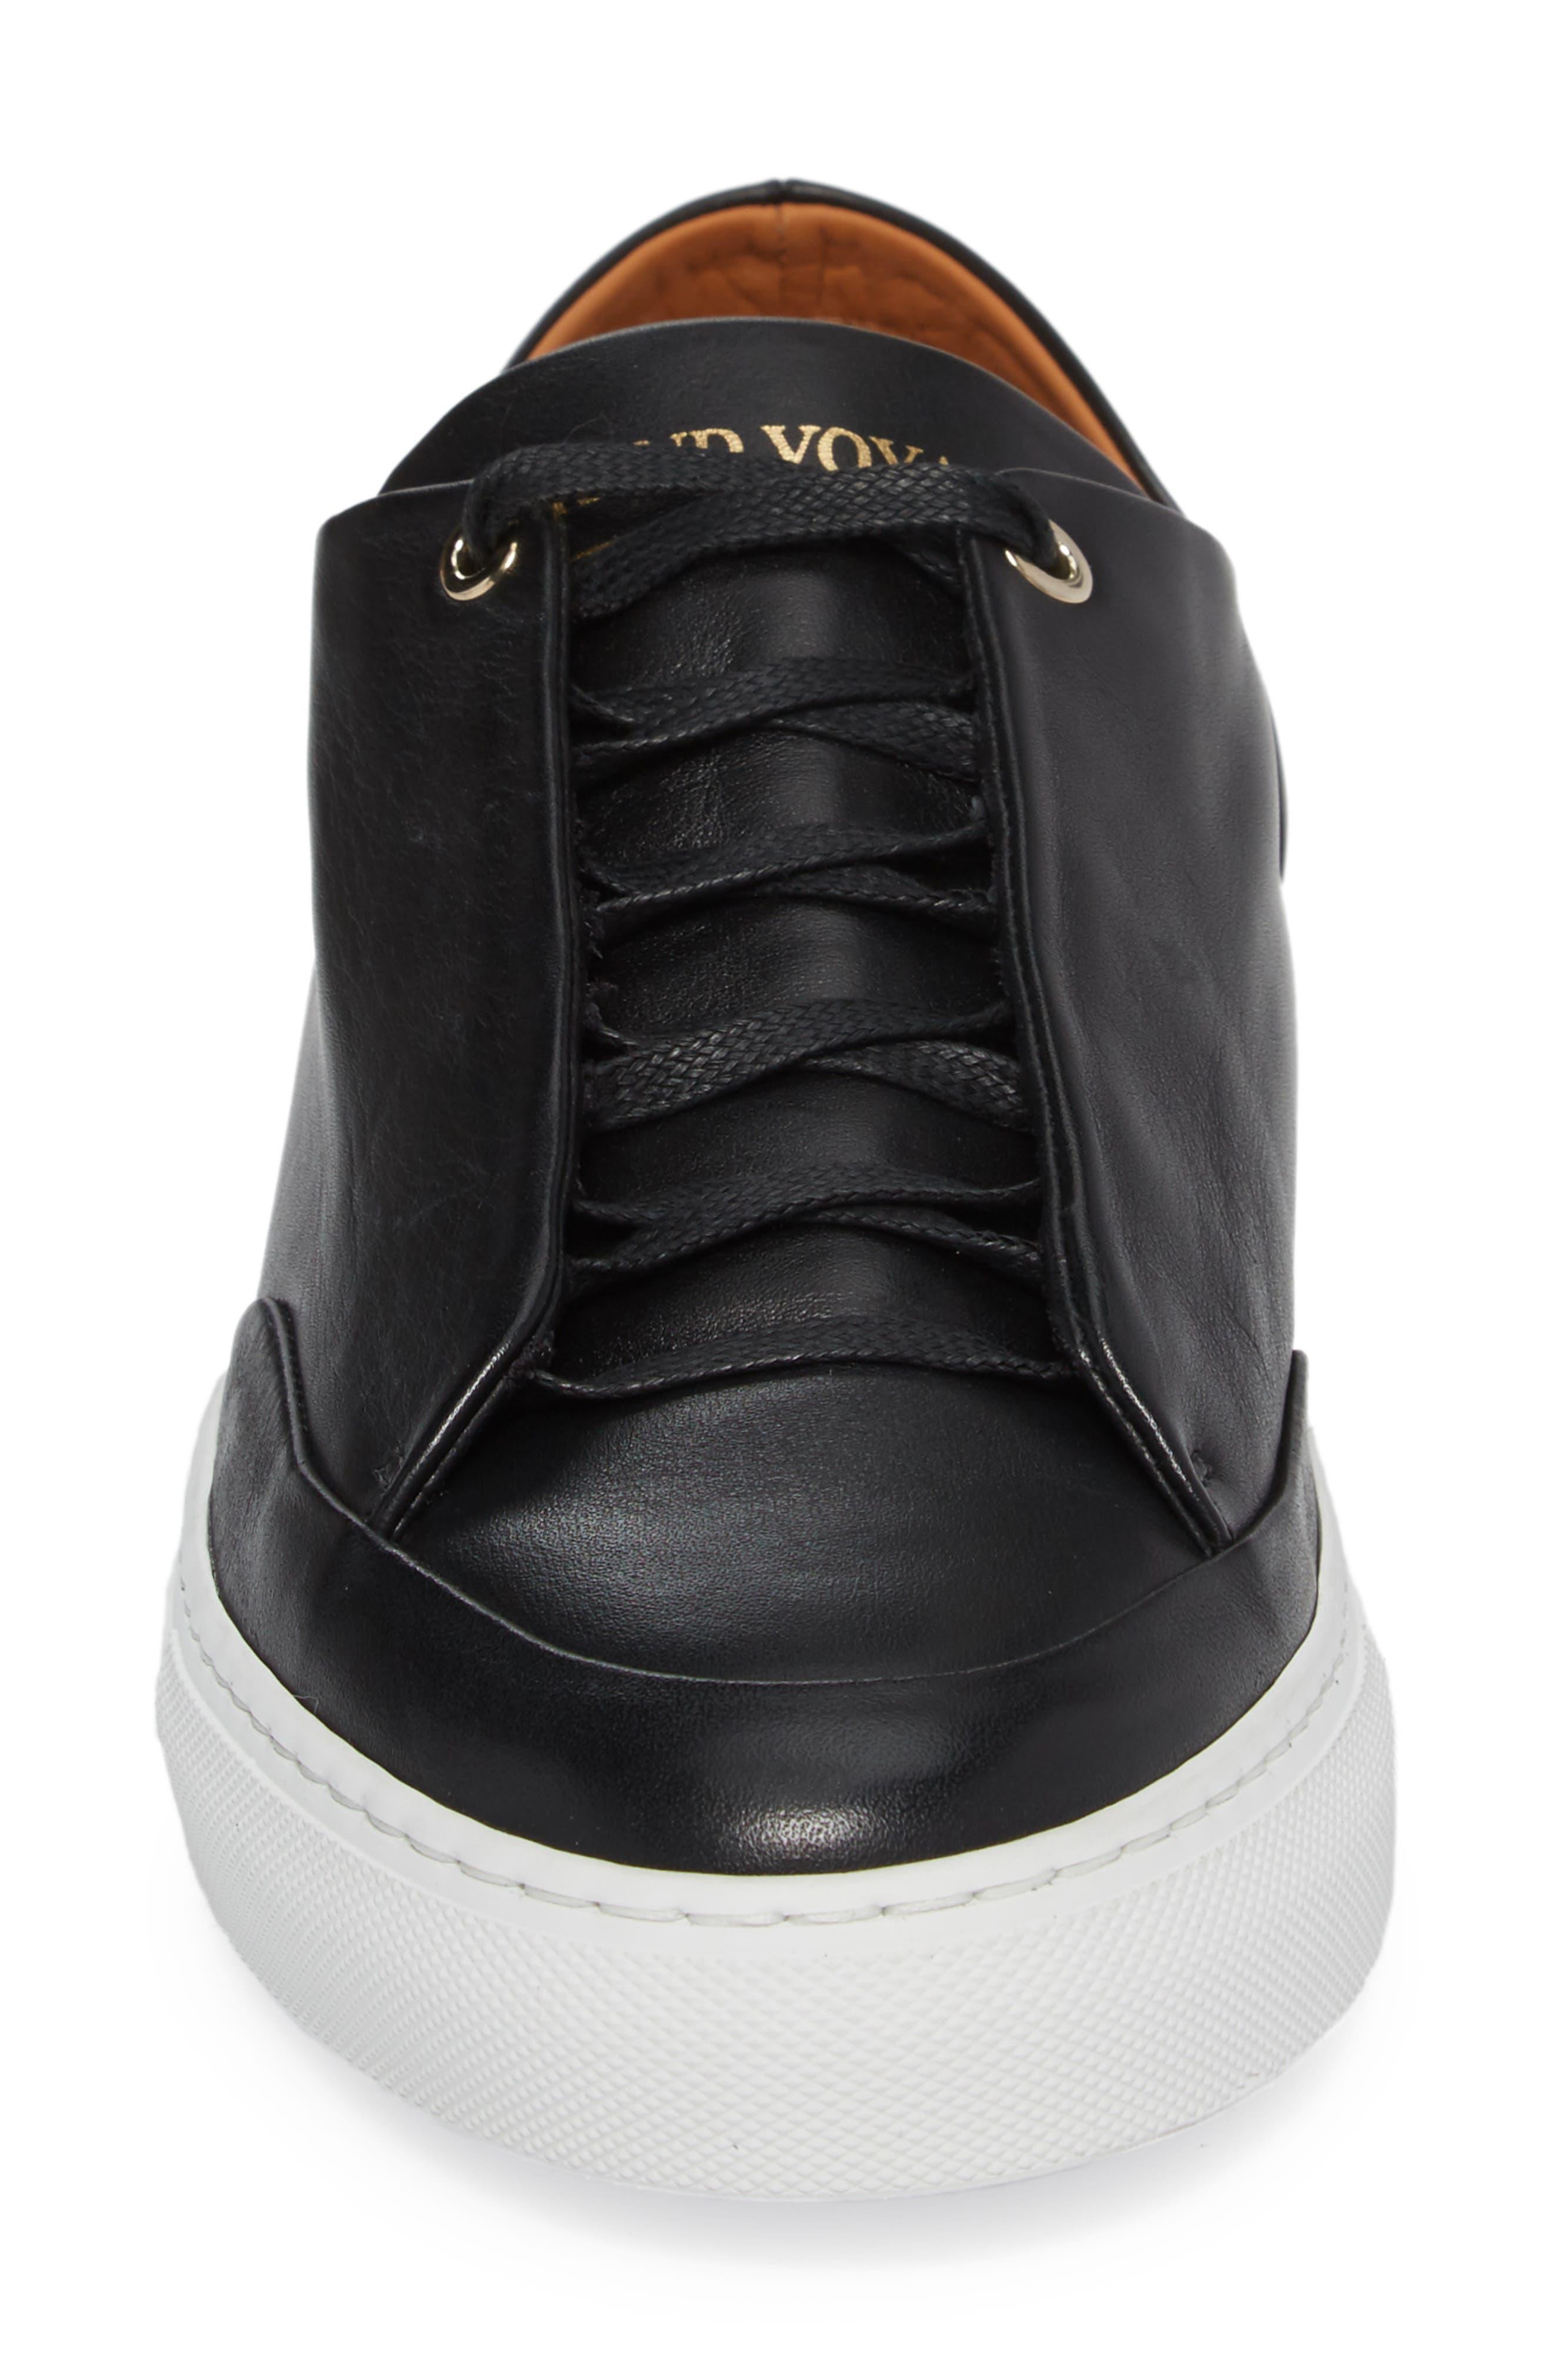 Avedon Sneaker,                             Alternate thumbnail 4, color,                             BLACK LEATHER